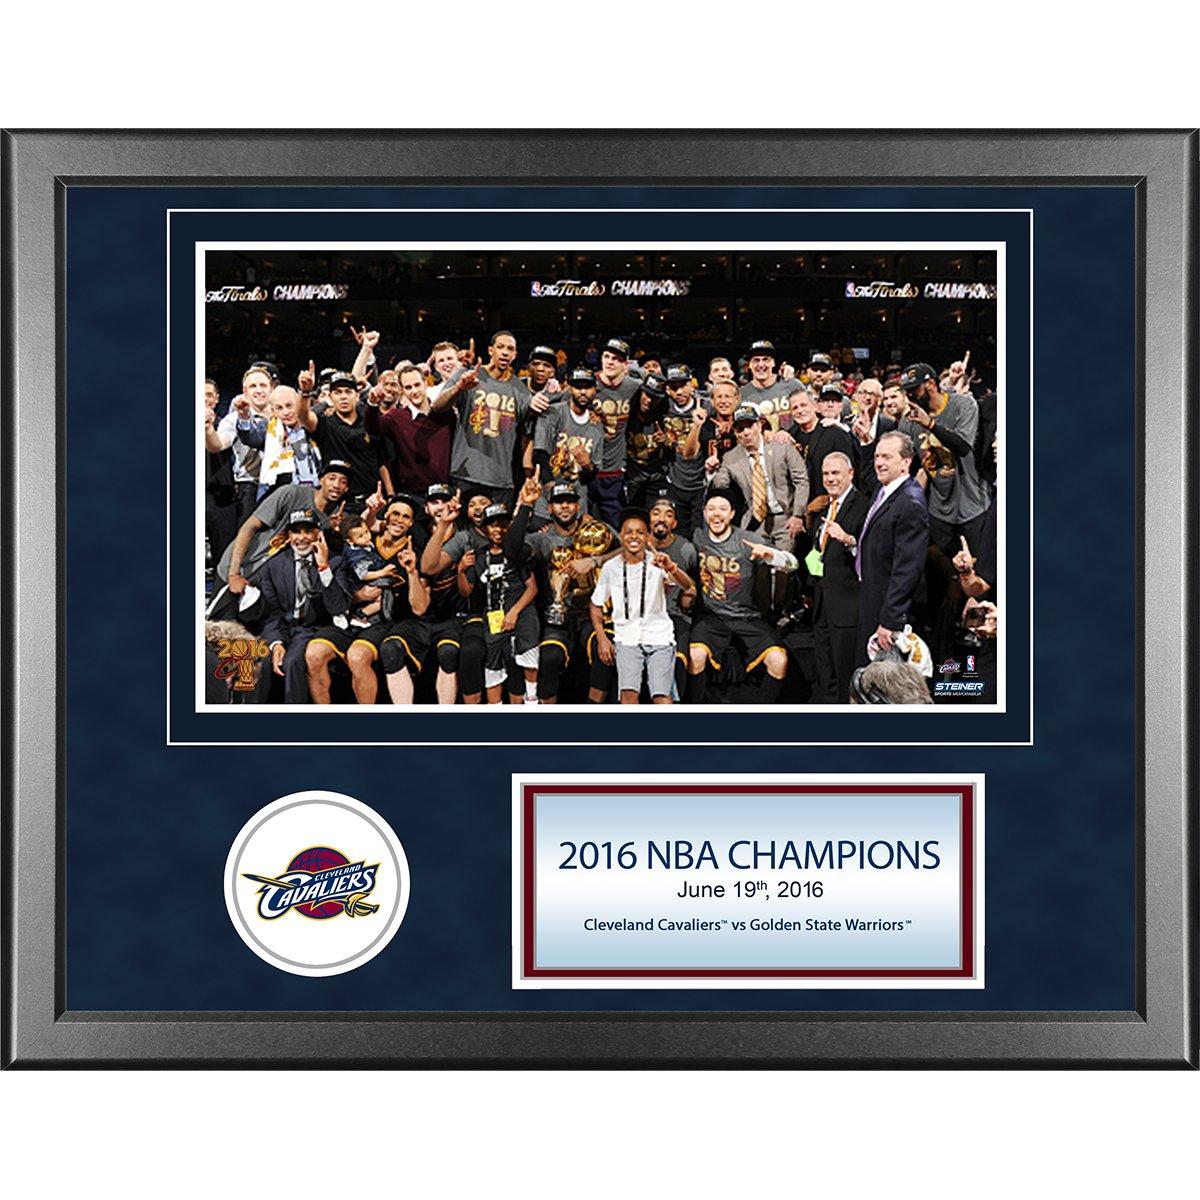 Steiner Sports NBA Cleveland Cavaliers Unisex 2016 NBA Champion Cleveland Cavaliers 11x14 Framed Photo with Nameplate, Navy